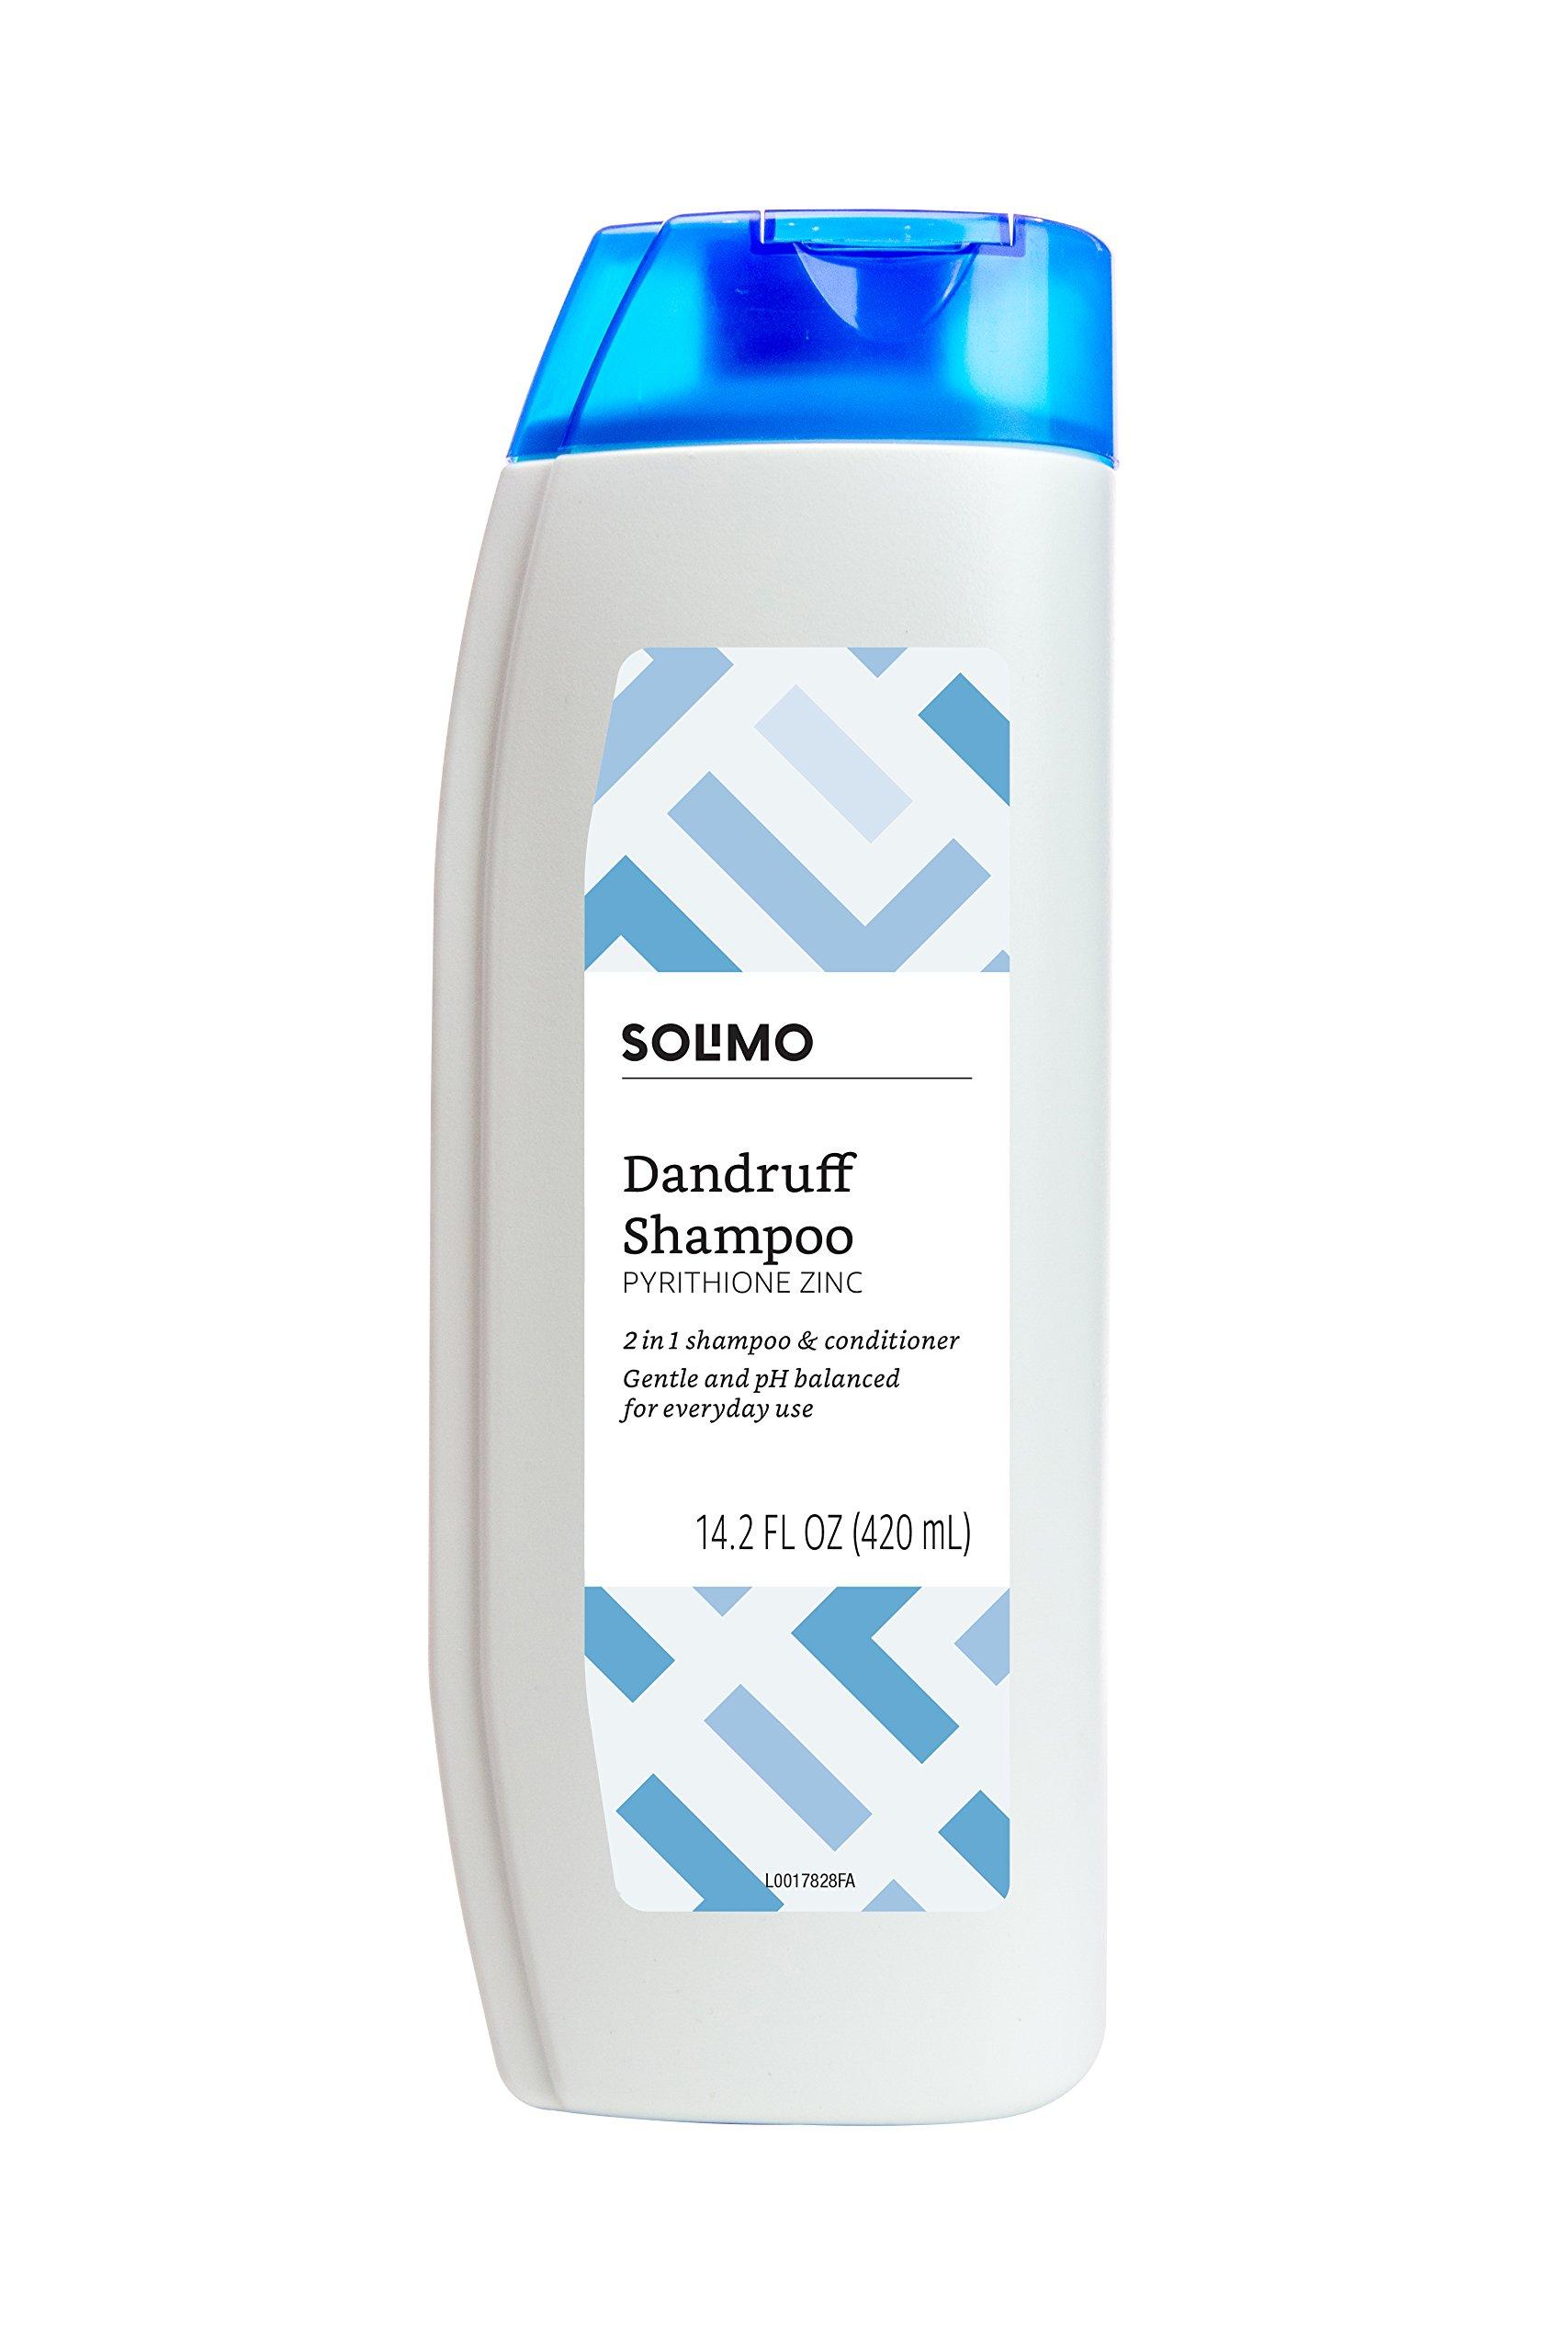 Amazon Brand - Solimo 2-in-1 Dandruff Shampoo